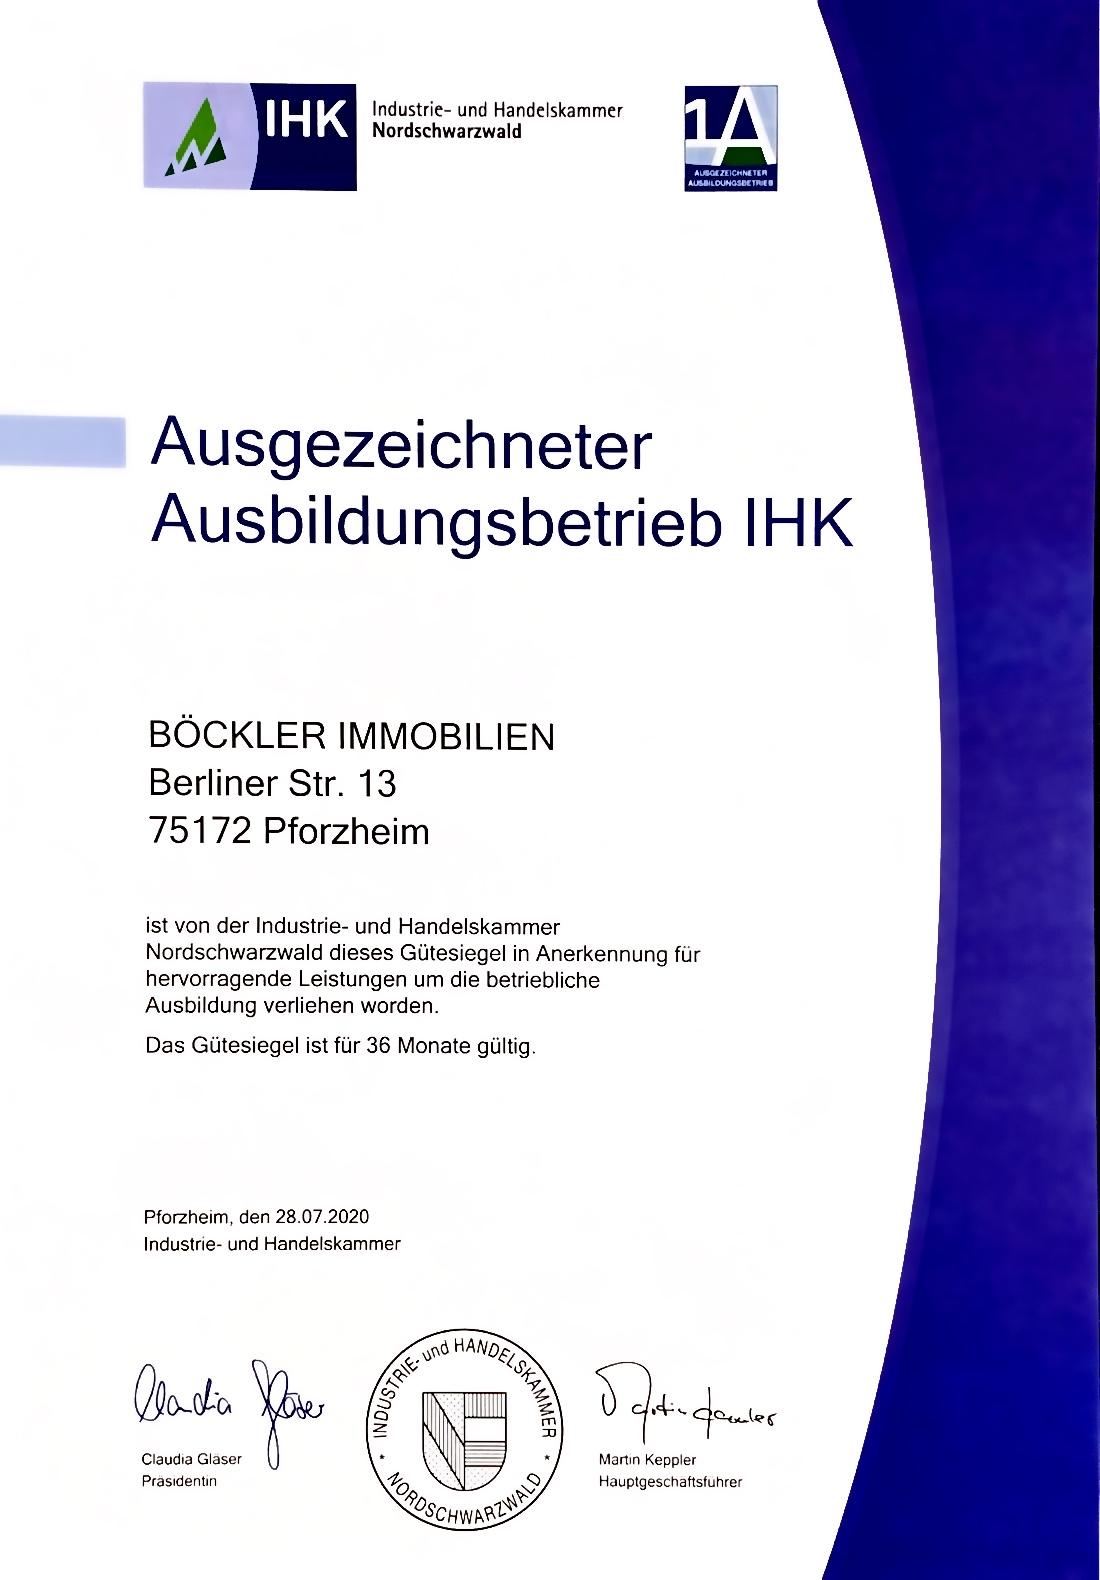 Durch die iHK zertifizierte Ausbildung